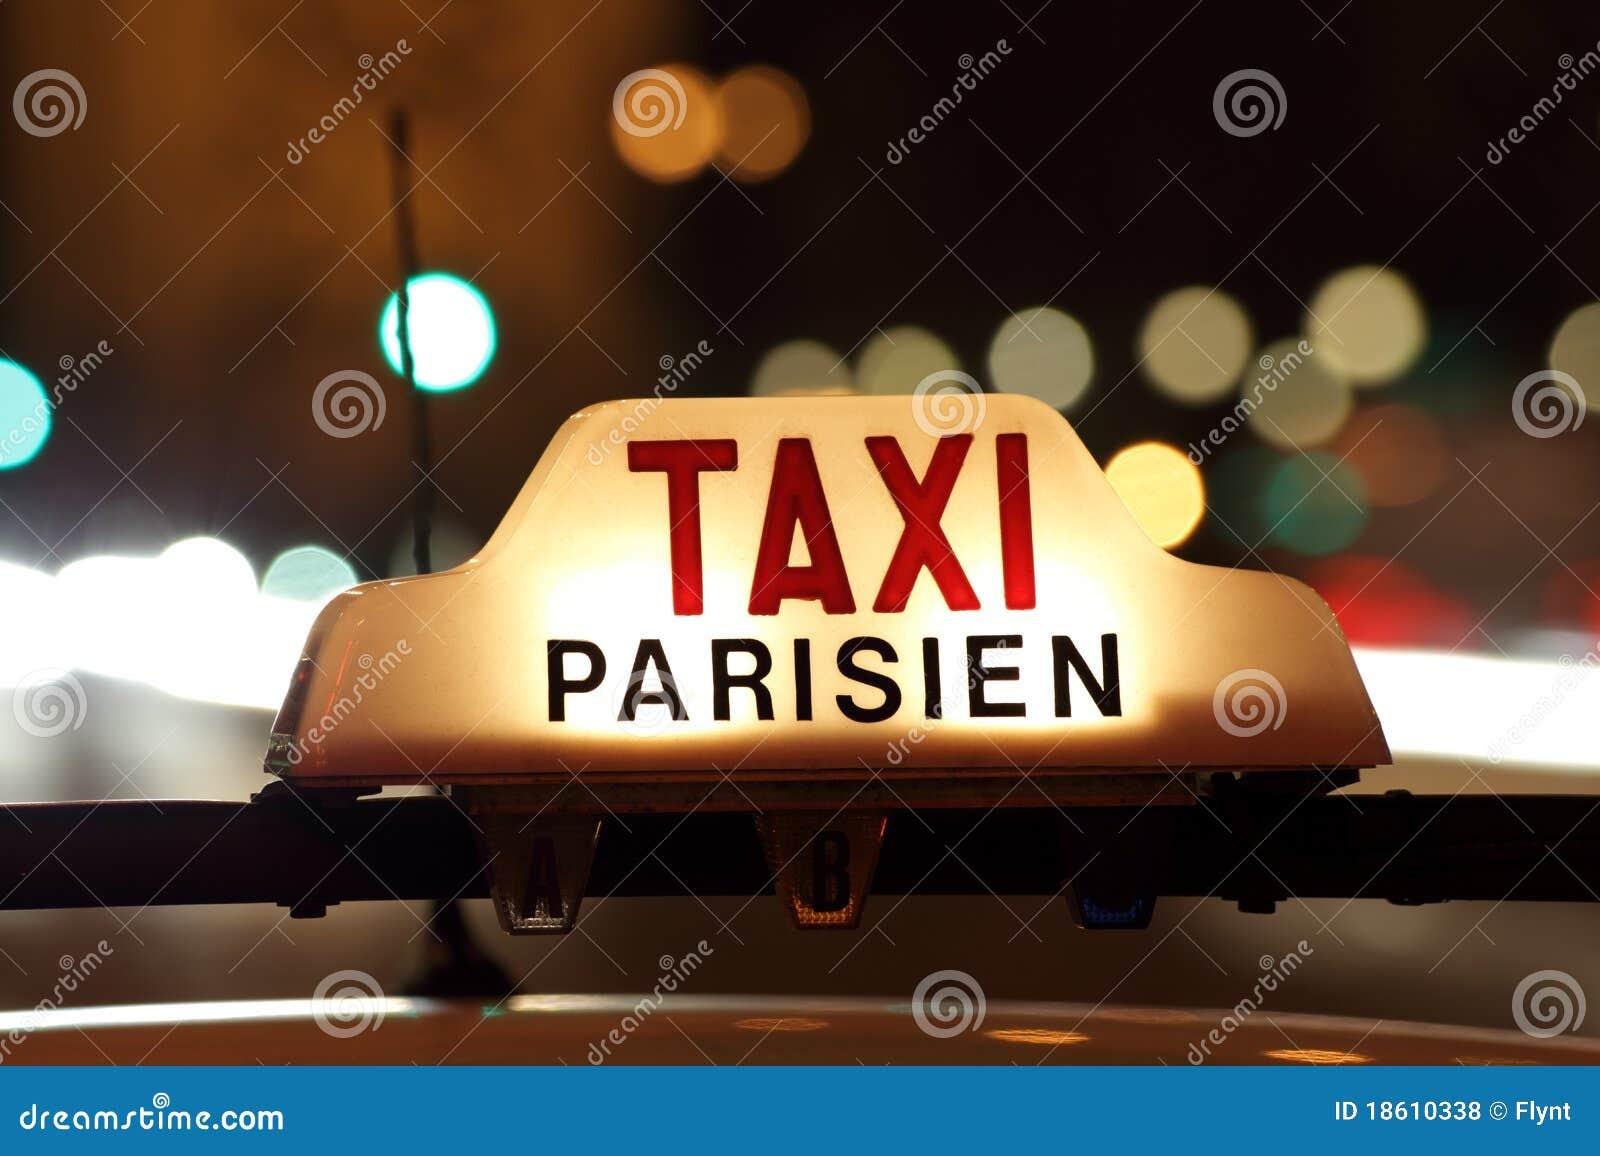 Paris taxi by the Arc de Triomphe